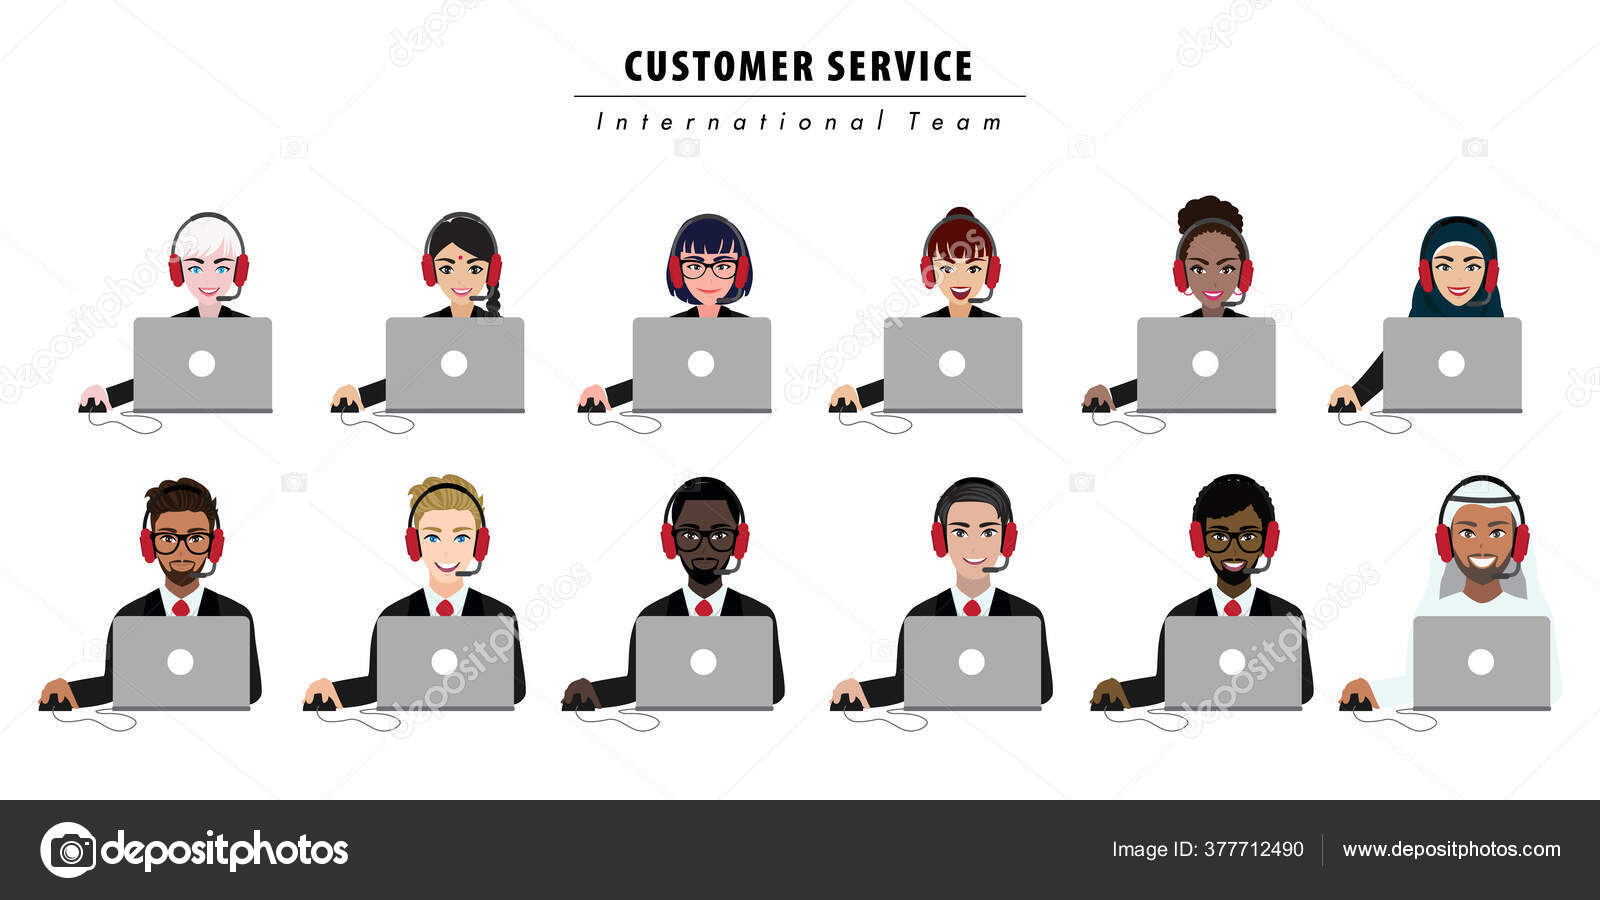 Ini Cara Untuk Memprioritaskan Layanan/Dukungan Pelanggan - Customer Service